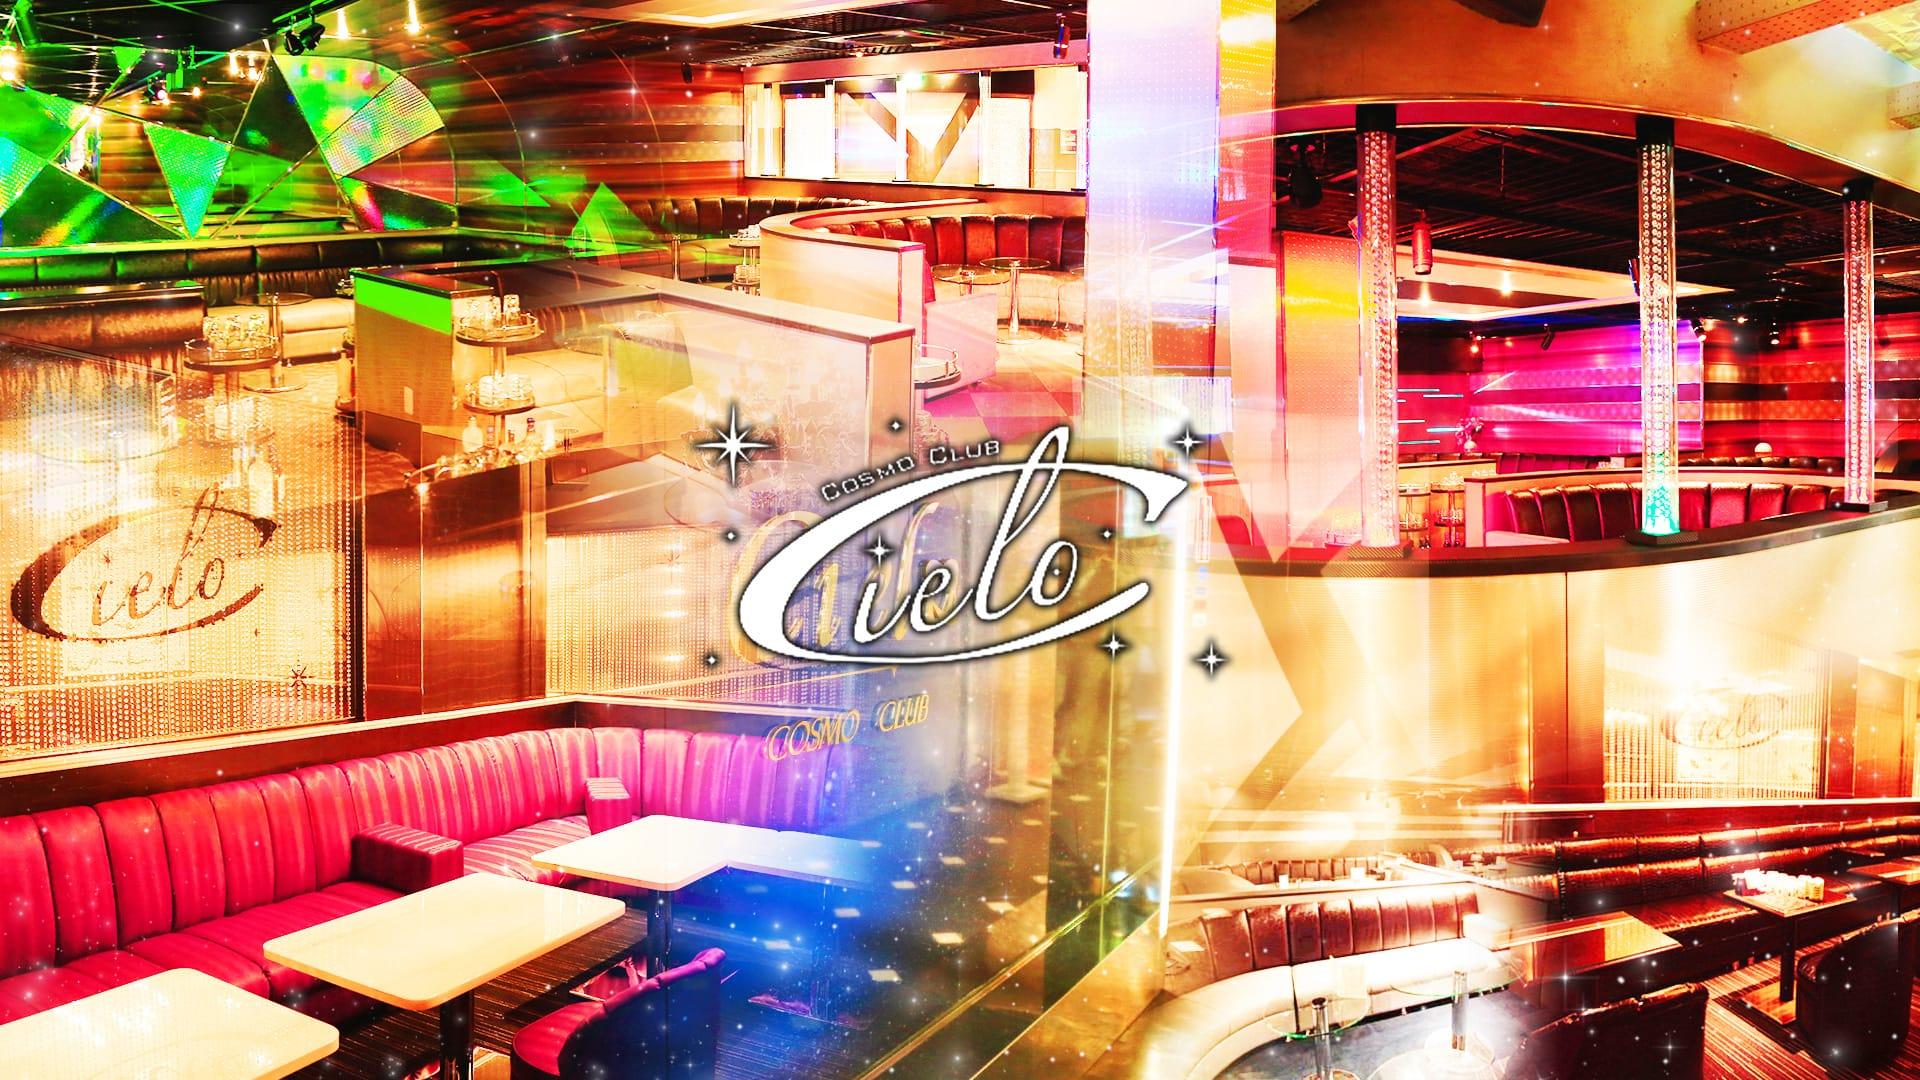 COSMO CLUB Cielo(シエロ) 中洲キャバクラ TOP画像